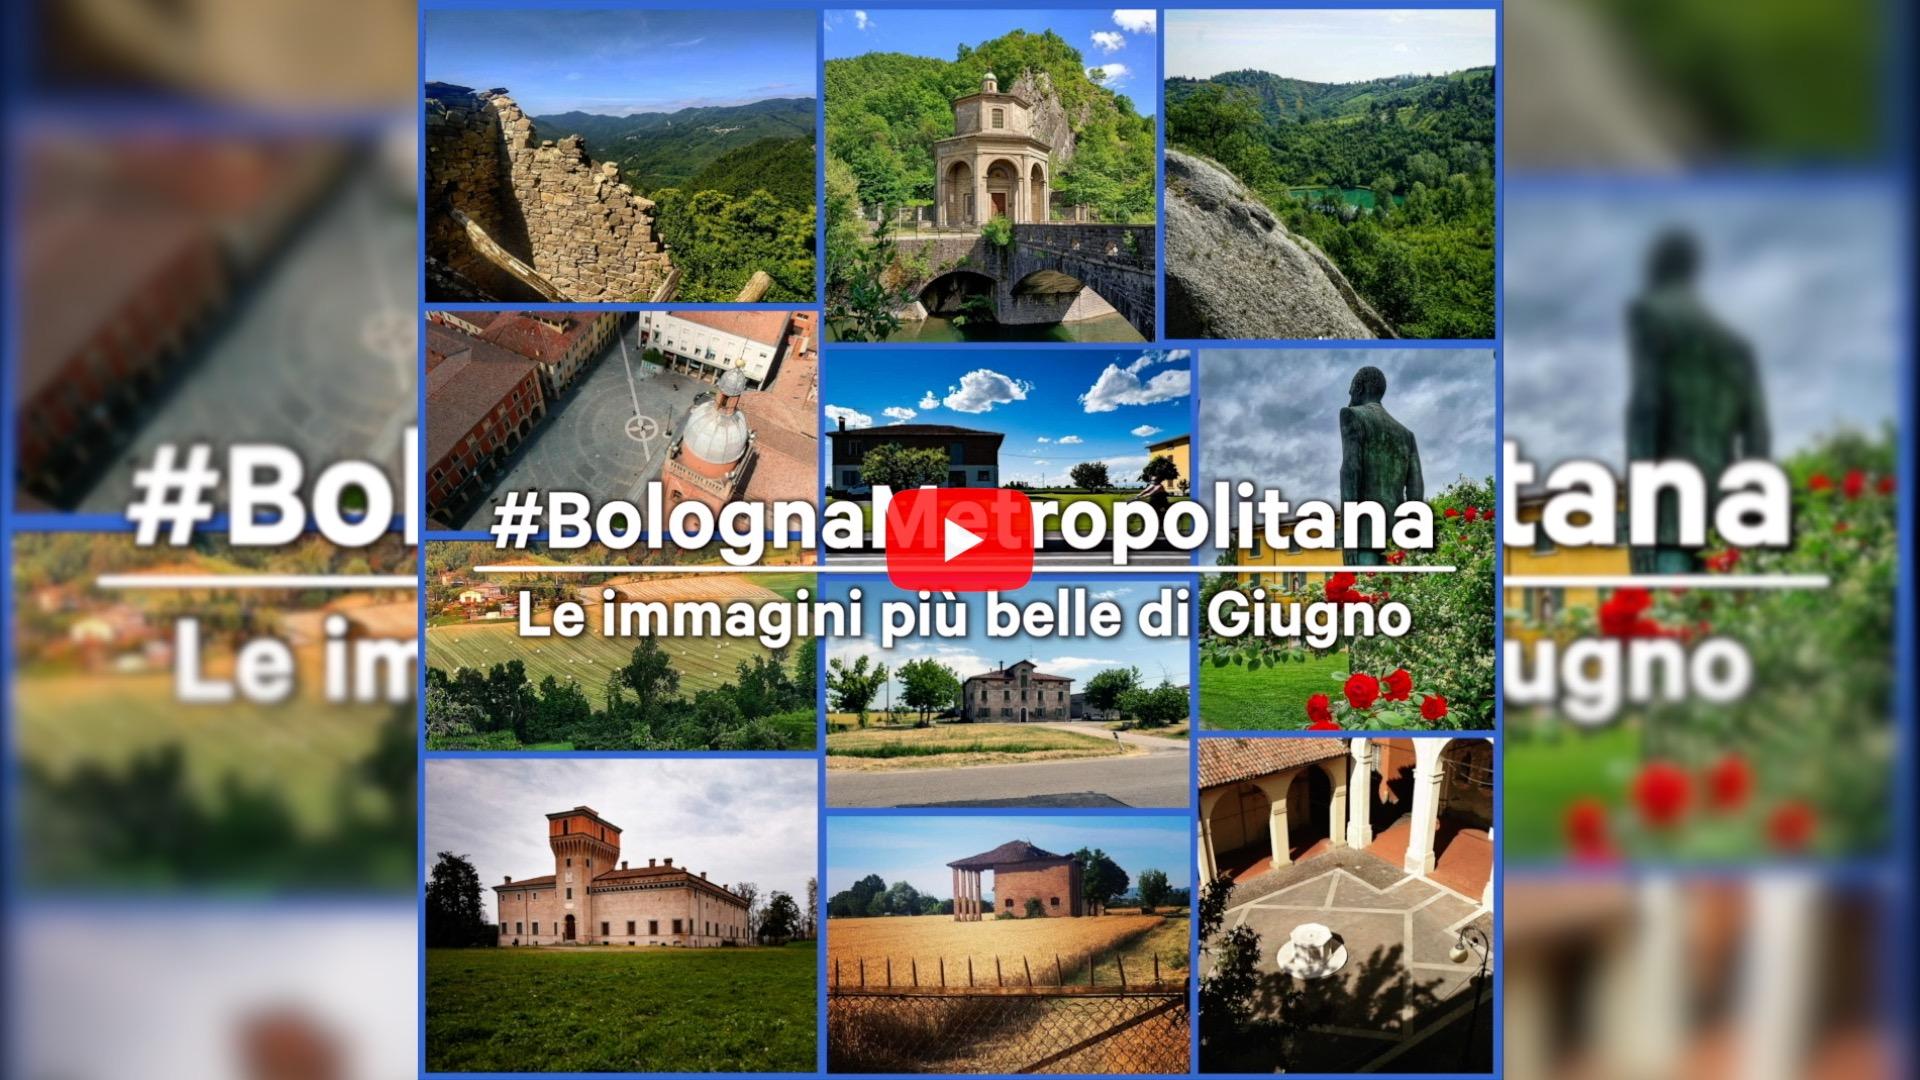 #BolognaMetropolitana - Le immagini più belle di giugno 2021